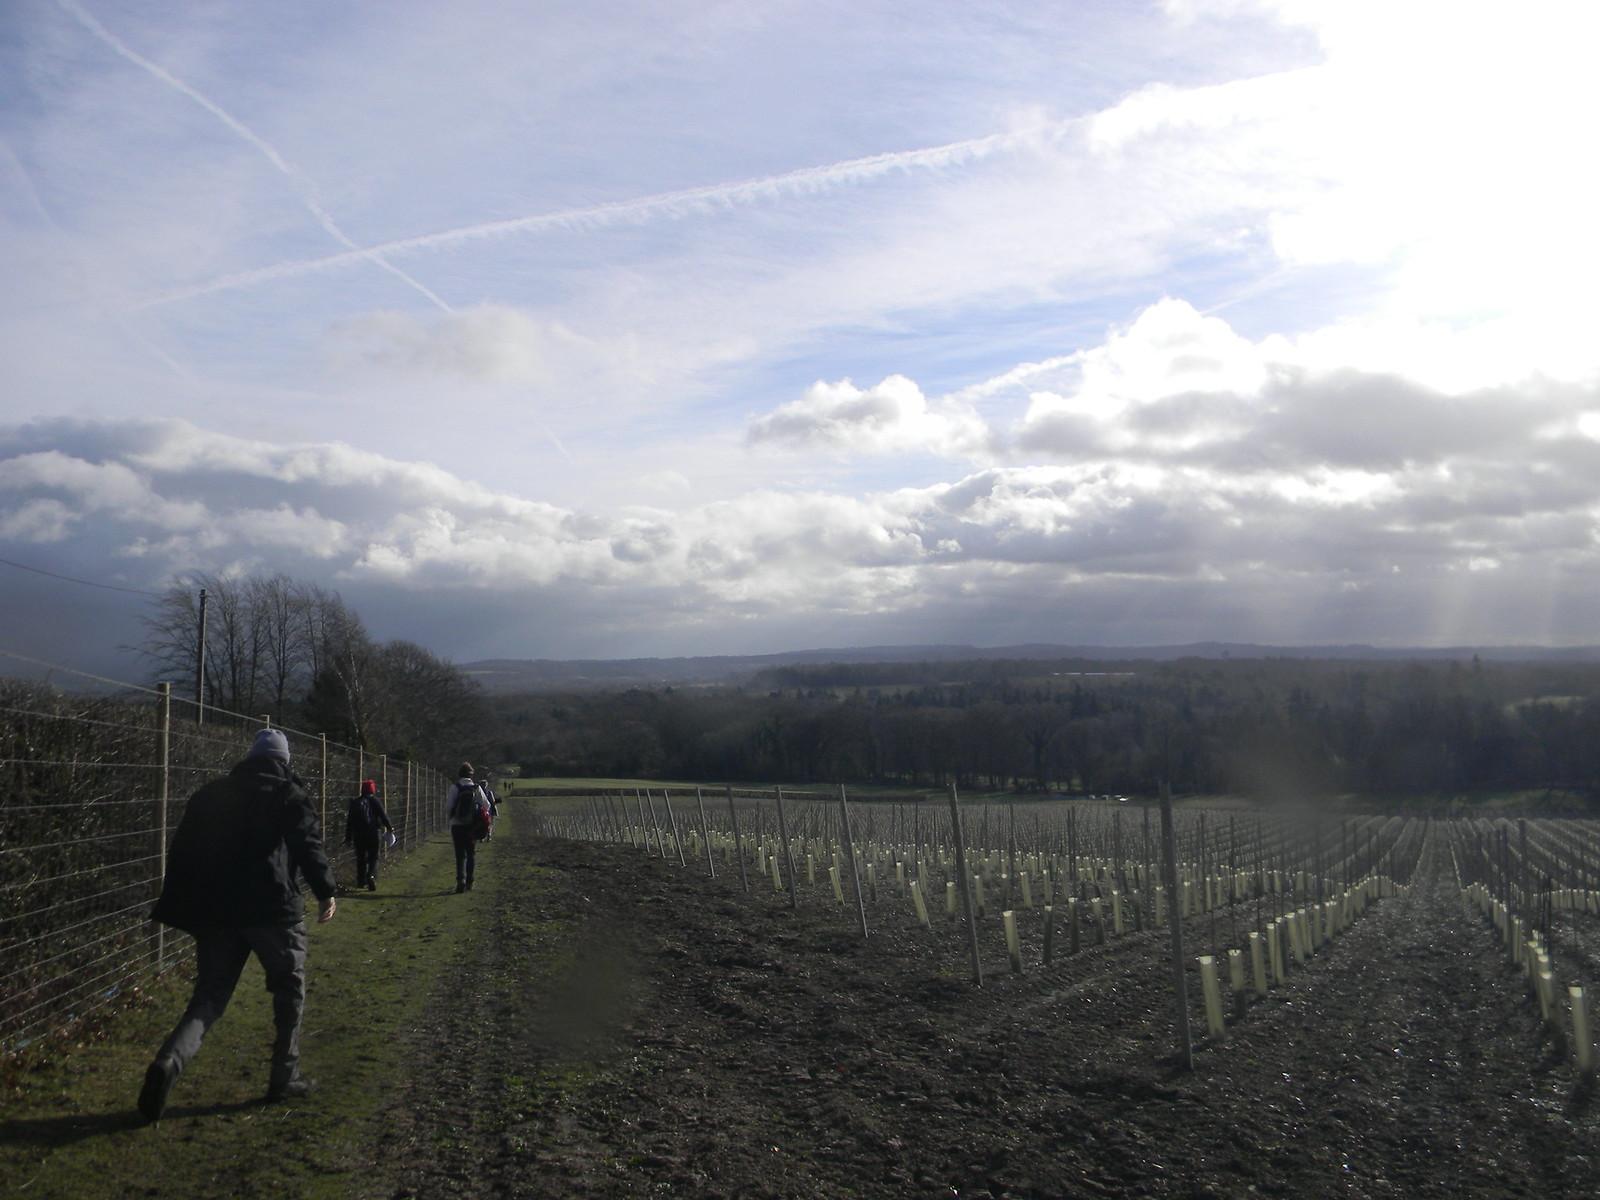 Vineyard view Wanborough to Godalming